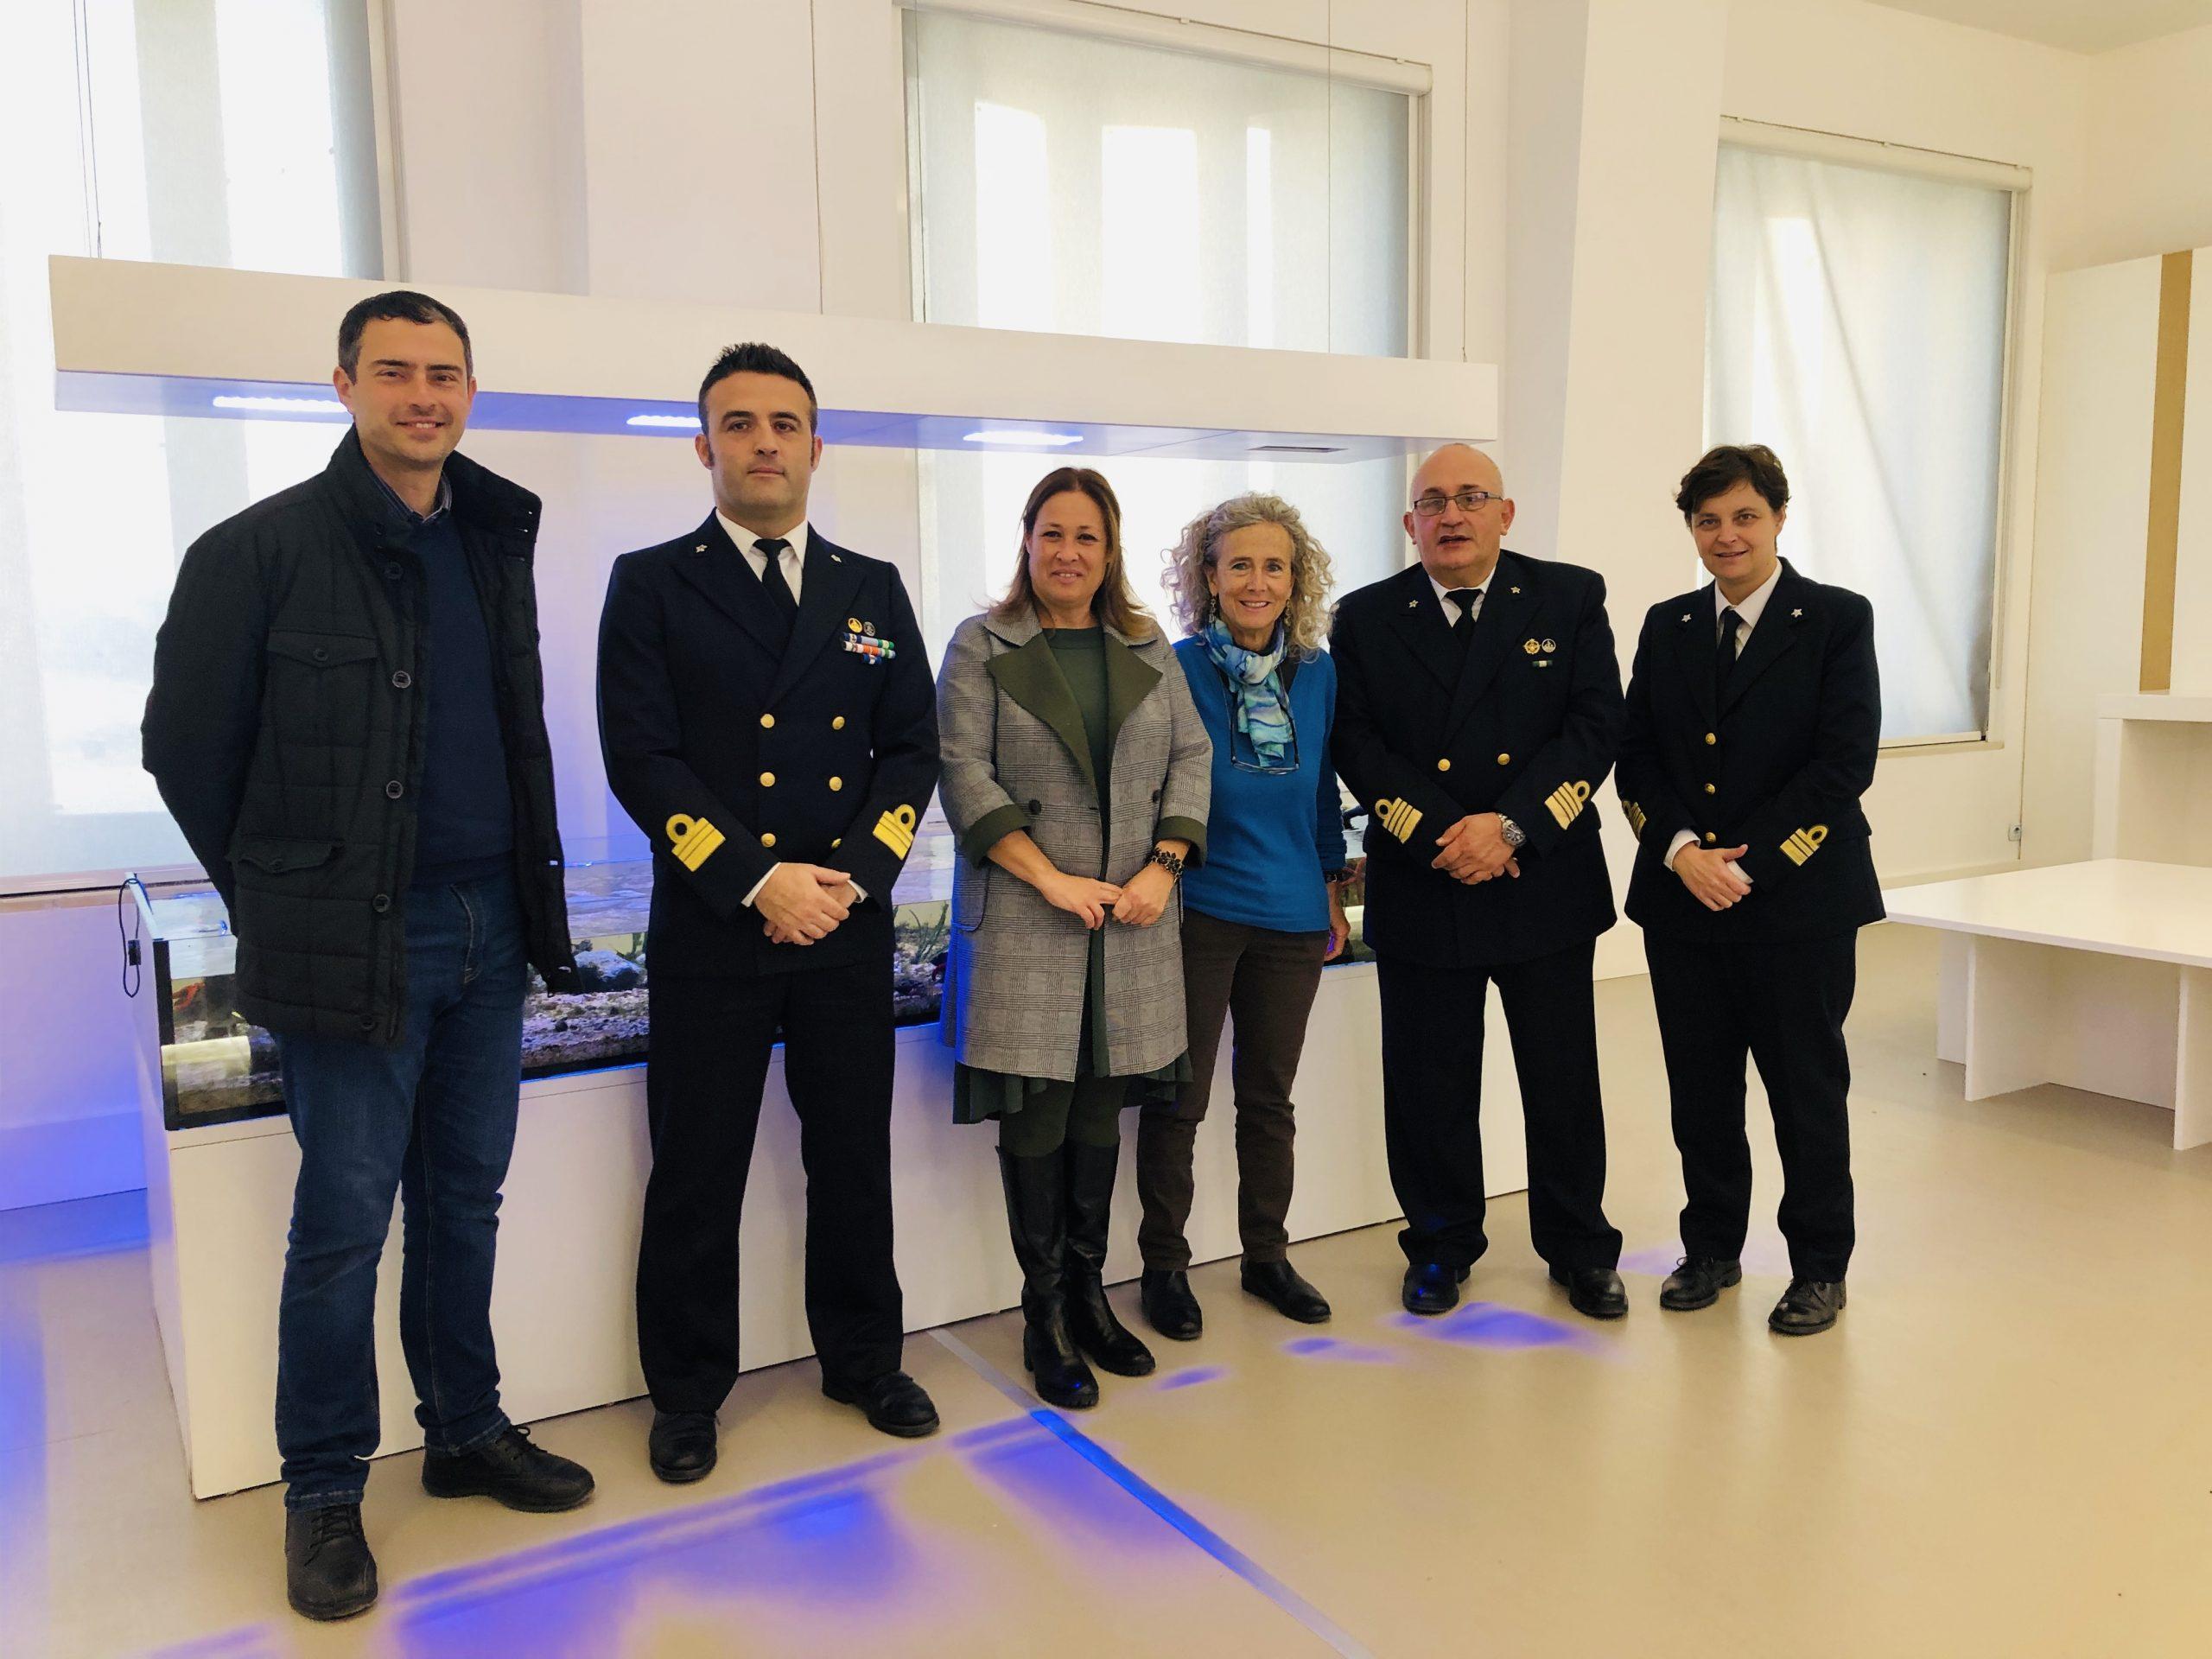 scambio delgi auguri per le festività natalizie nella sede dell'Area Marina Protetta Plemmirio